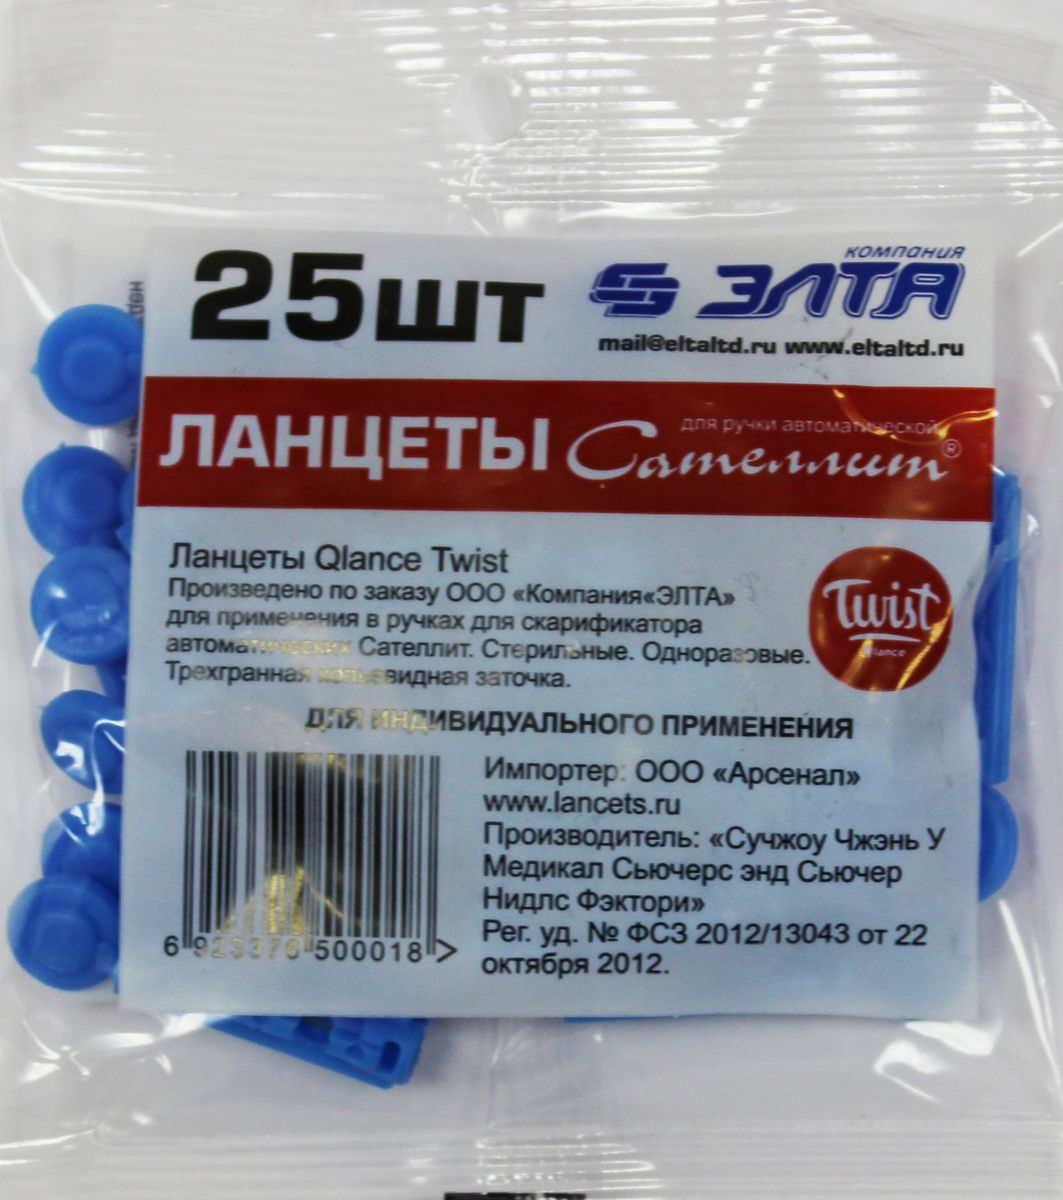 Ланцеты Сателлит Qlance Twist 28G, 25 шт2254Стерильные ланцеты (25 штук) для забора капли крови. Подходят к большинству ручек для прокалывания (автоматических прокалывателей). Сверхтонкое острие ланцета делает прокалывание менее болезненным. В целях безопасности ланцеты предназначены только для индивидуального пользования.